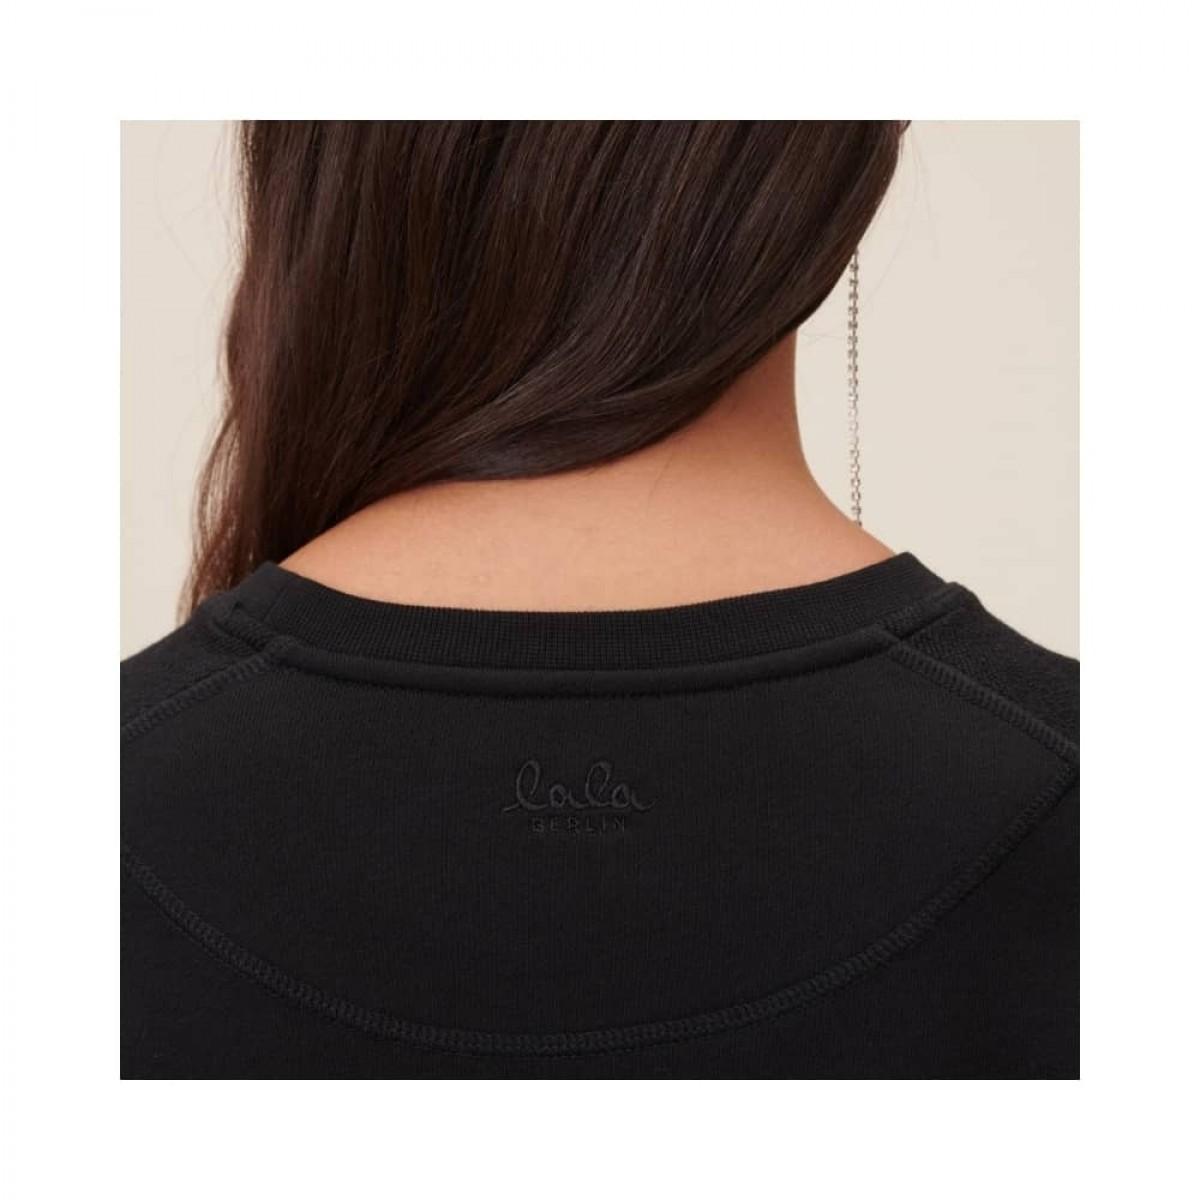 izola sweat - black - model logo på ryg